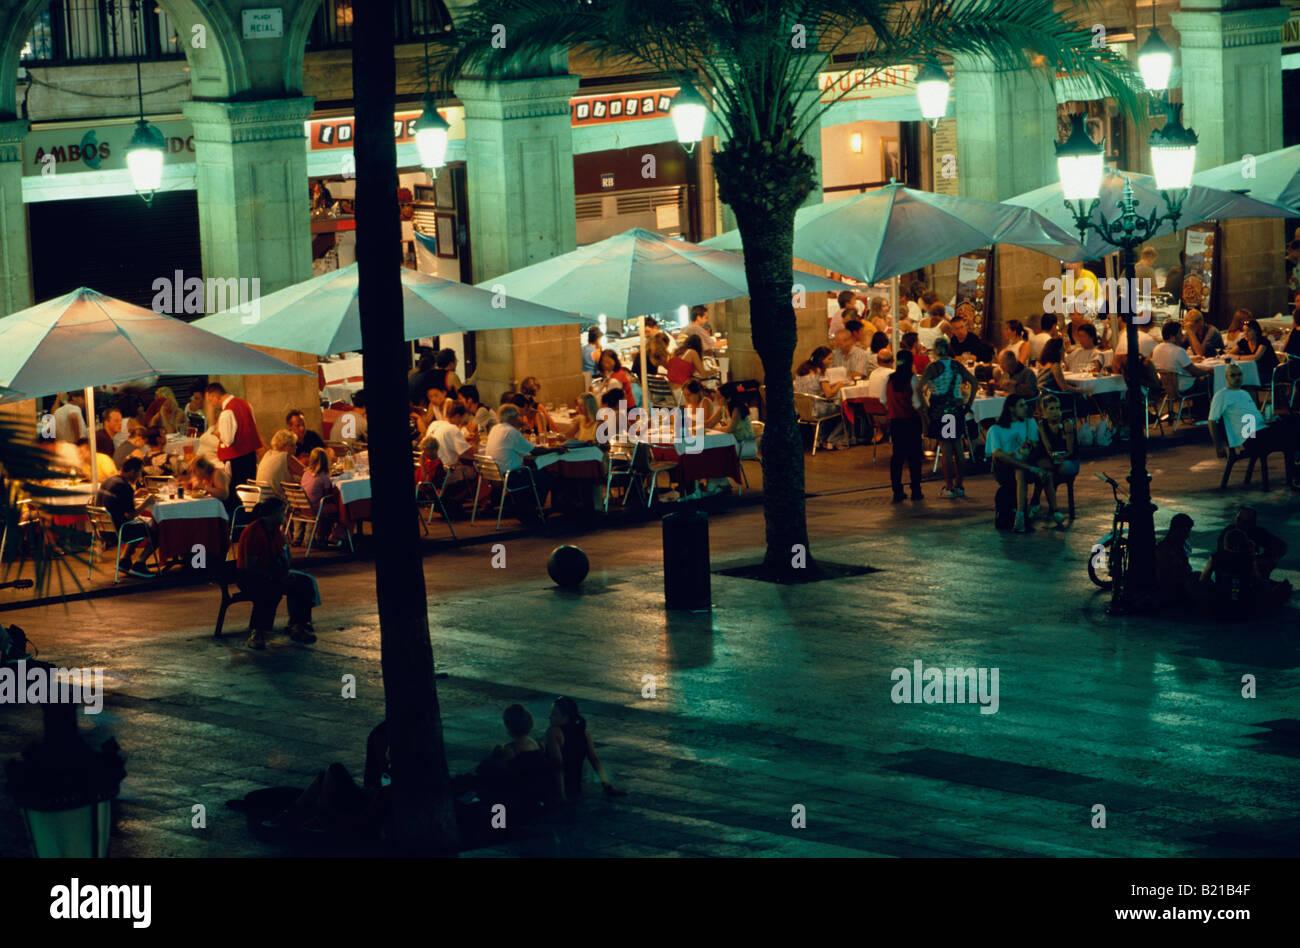 Ristoranti Placa Reial nella Città Vecchia Barcellona Catalonia Spagna Foto Stock